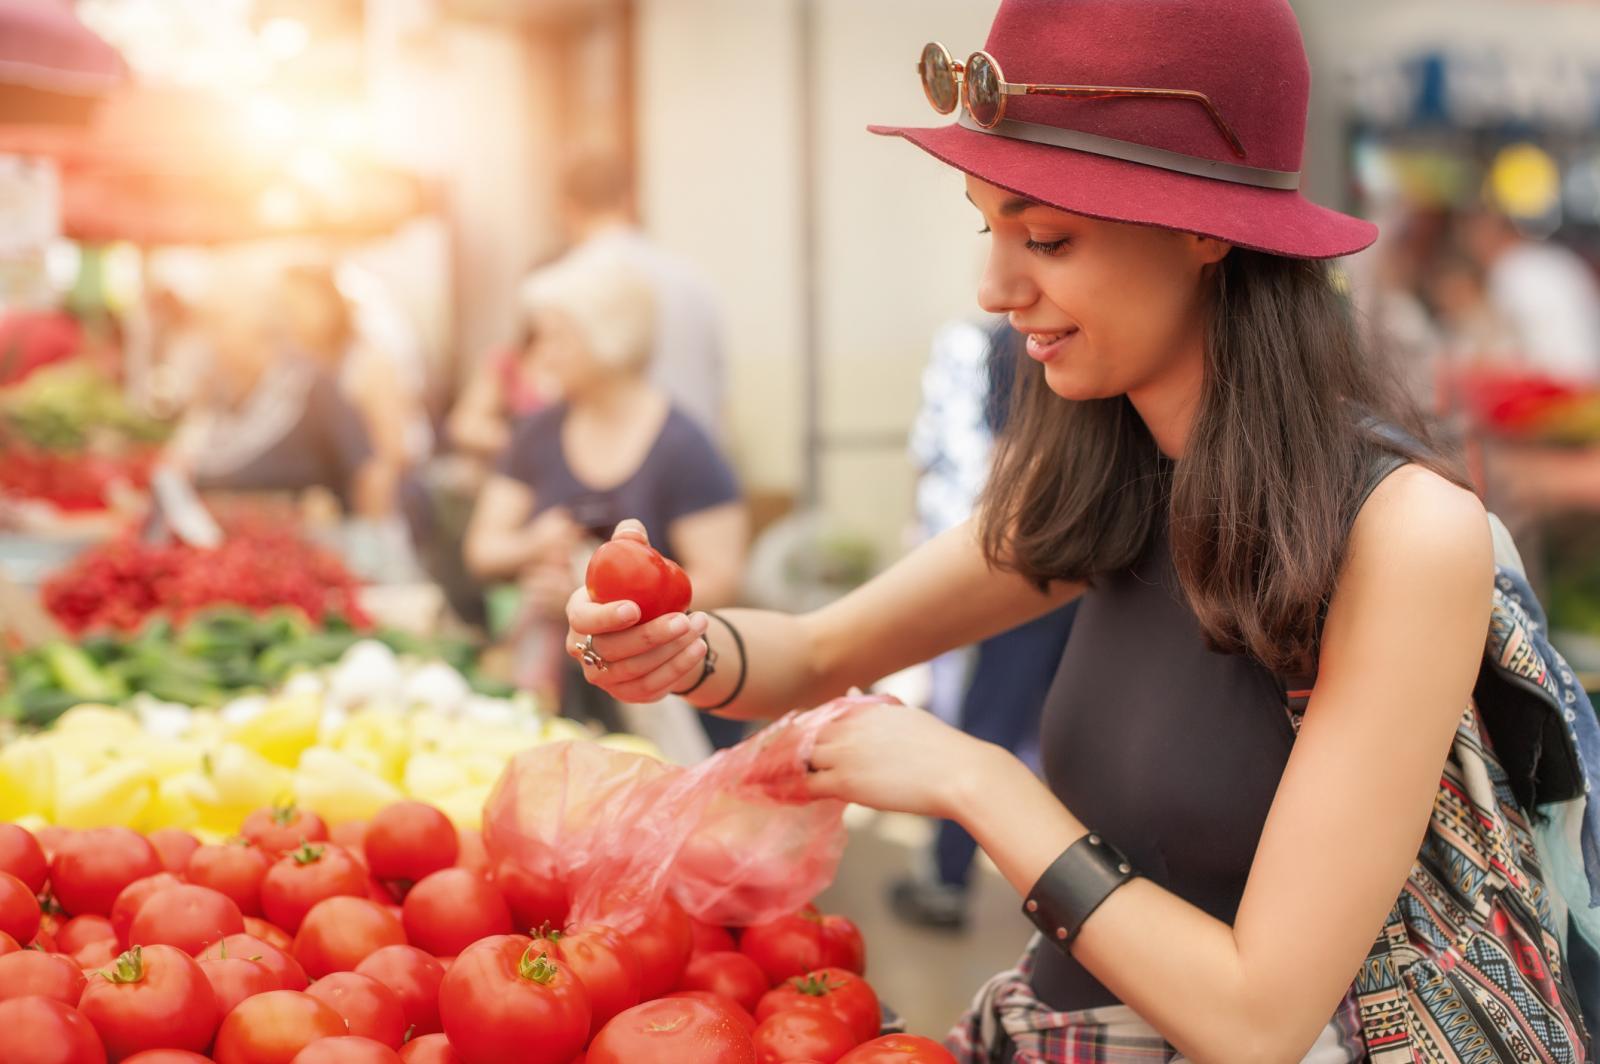 Rajčice su glavni izvor likopena u prehrani, a on pomaže pri liječenju raka.